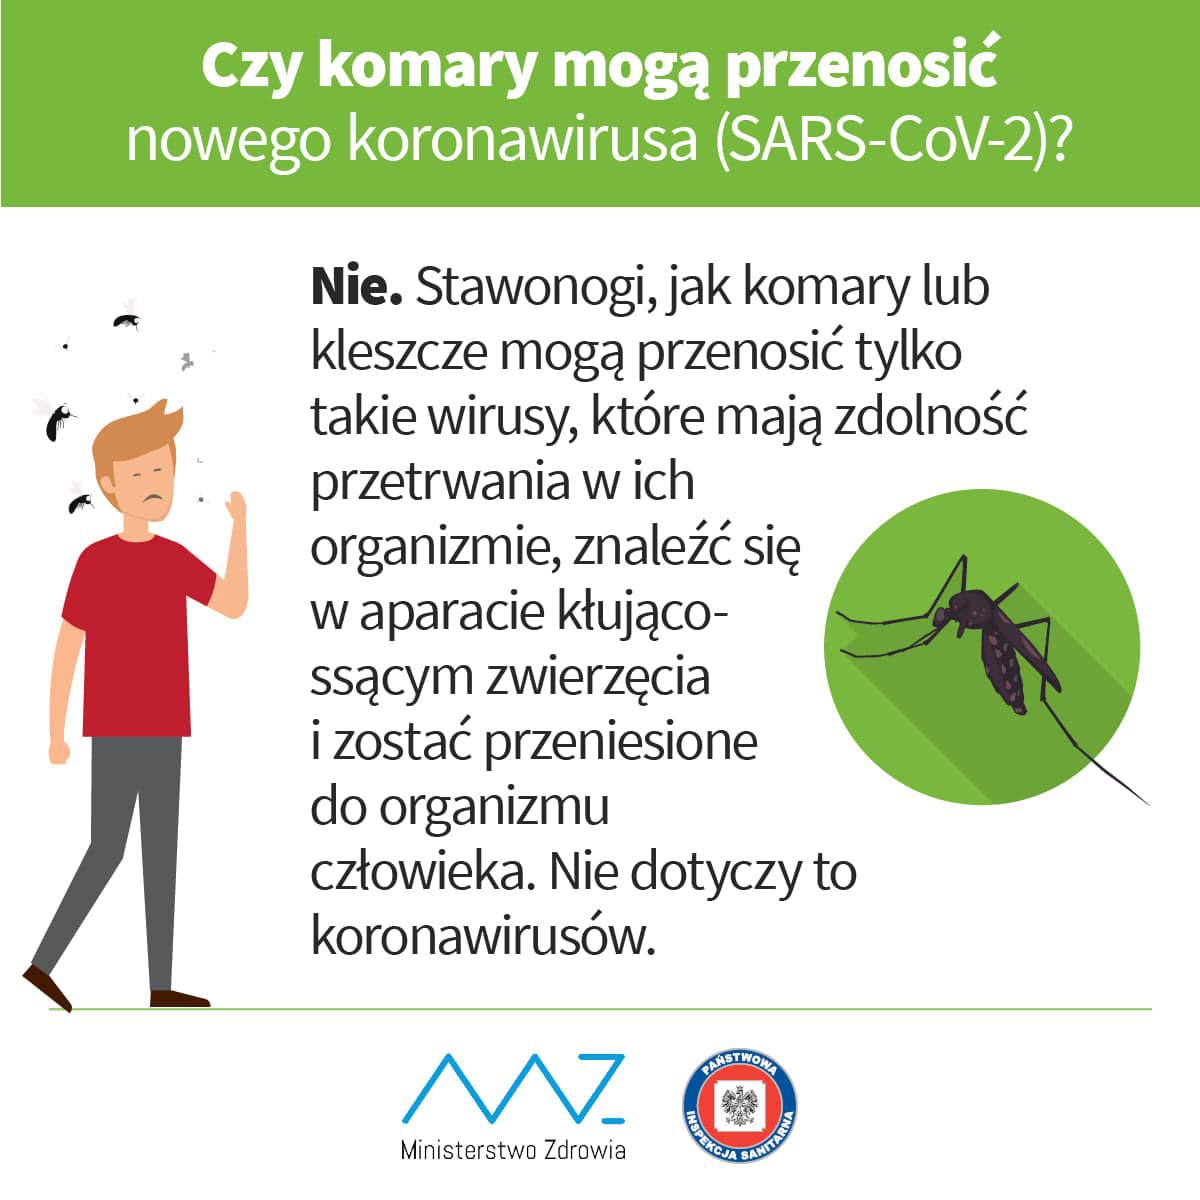 Plakat z pytaniem czy komary mogą przenosić nowego koronawirusa. Odpowiedź brzmi nie.